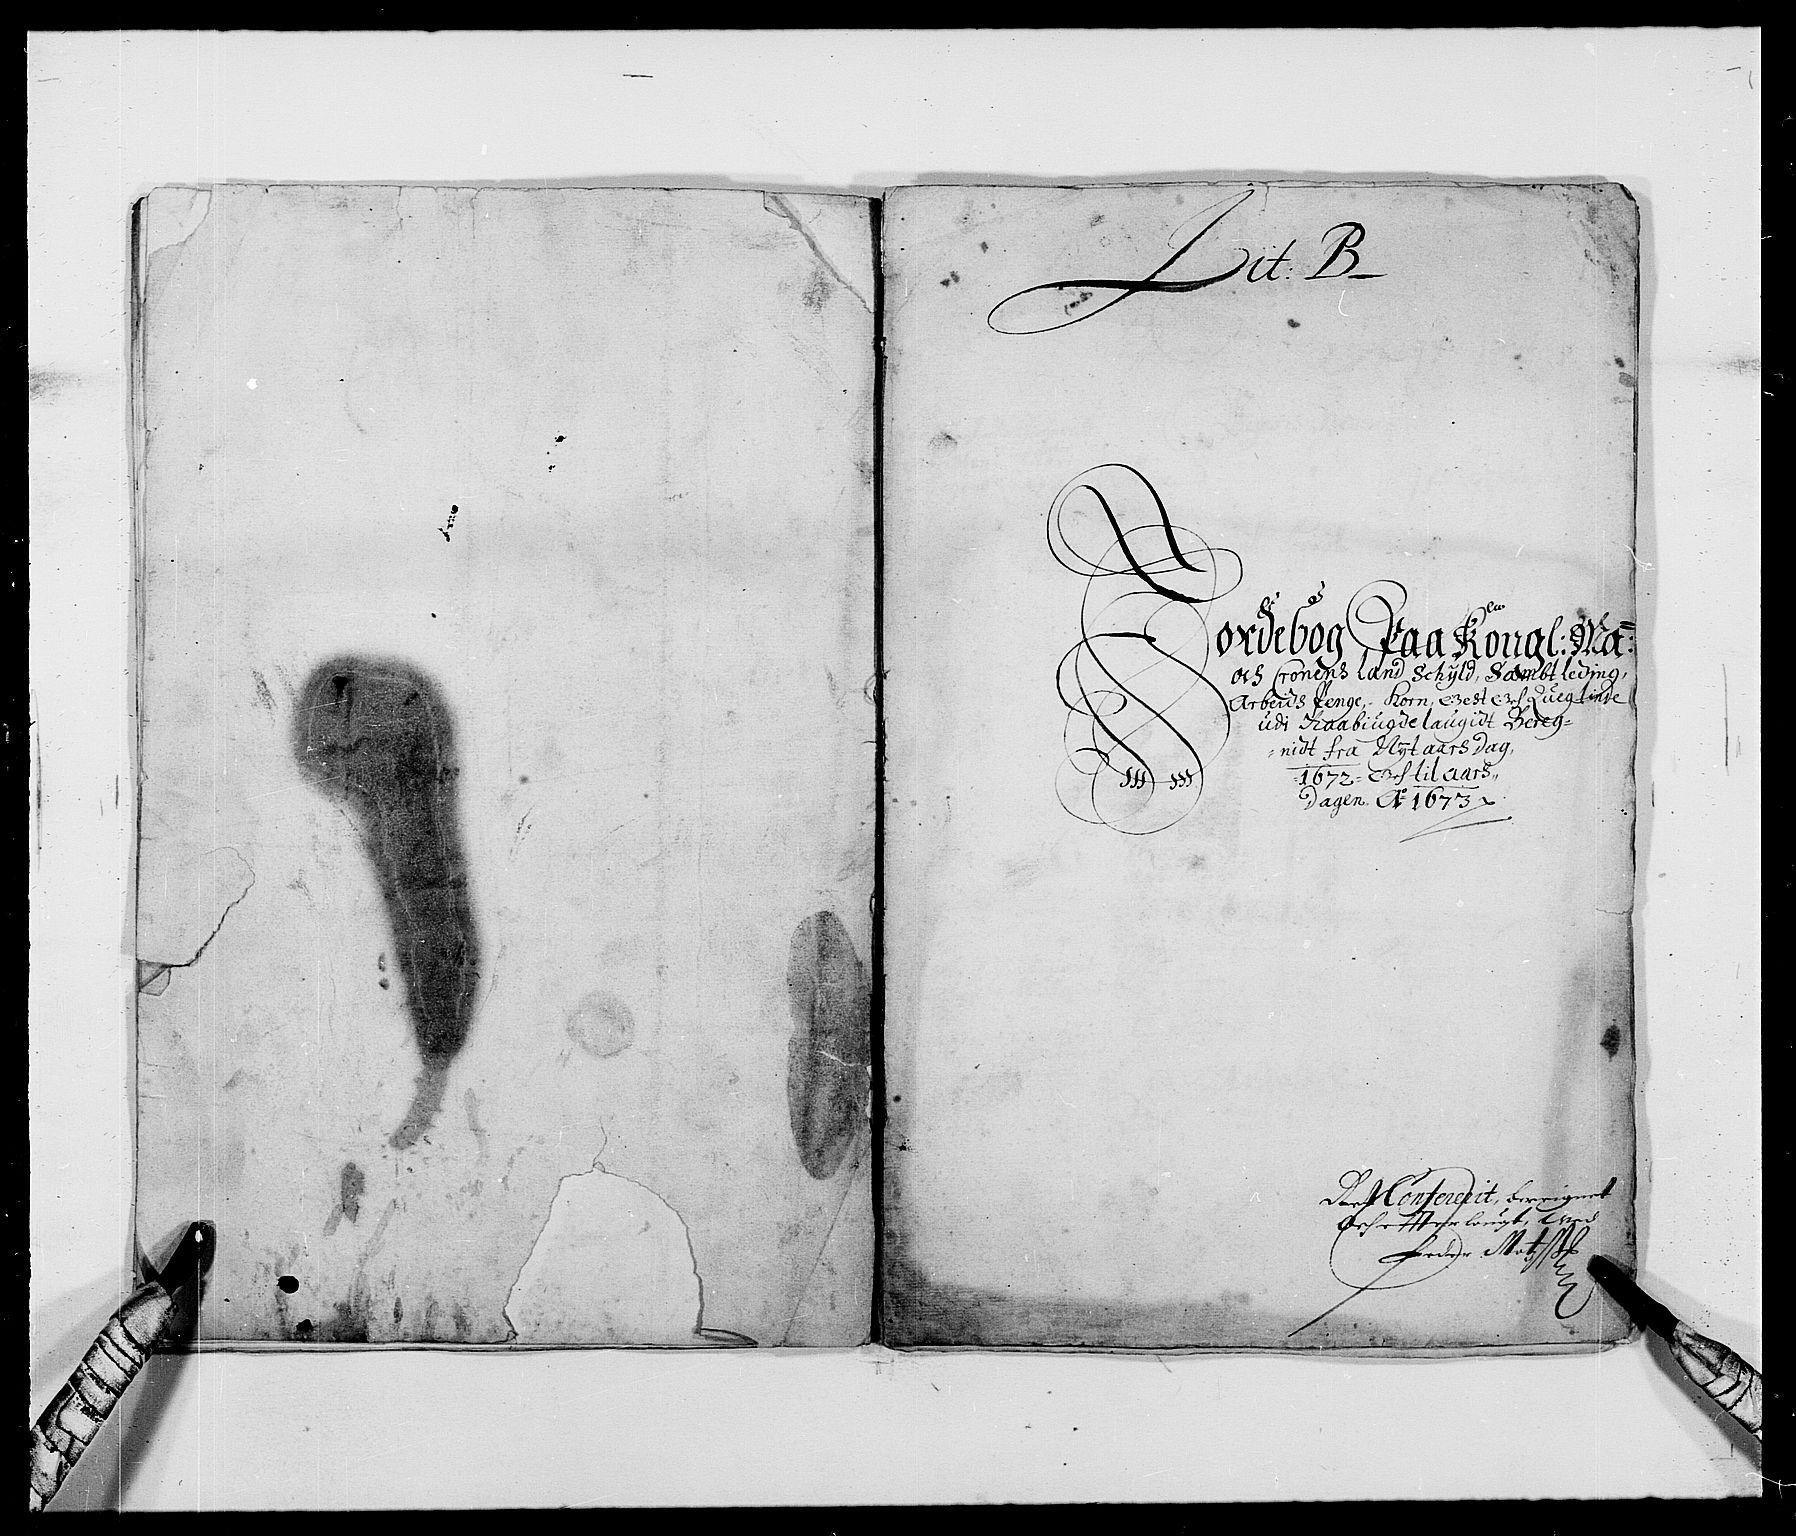 RA, Rentekammeret inntil 1814, Reviderte regnskaper, Fogderegnskap, R40/L2433: Fogderegnskap Råbyggelag, 1671-1674, s. 97